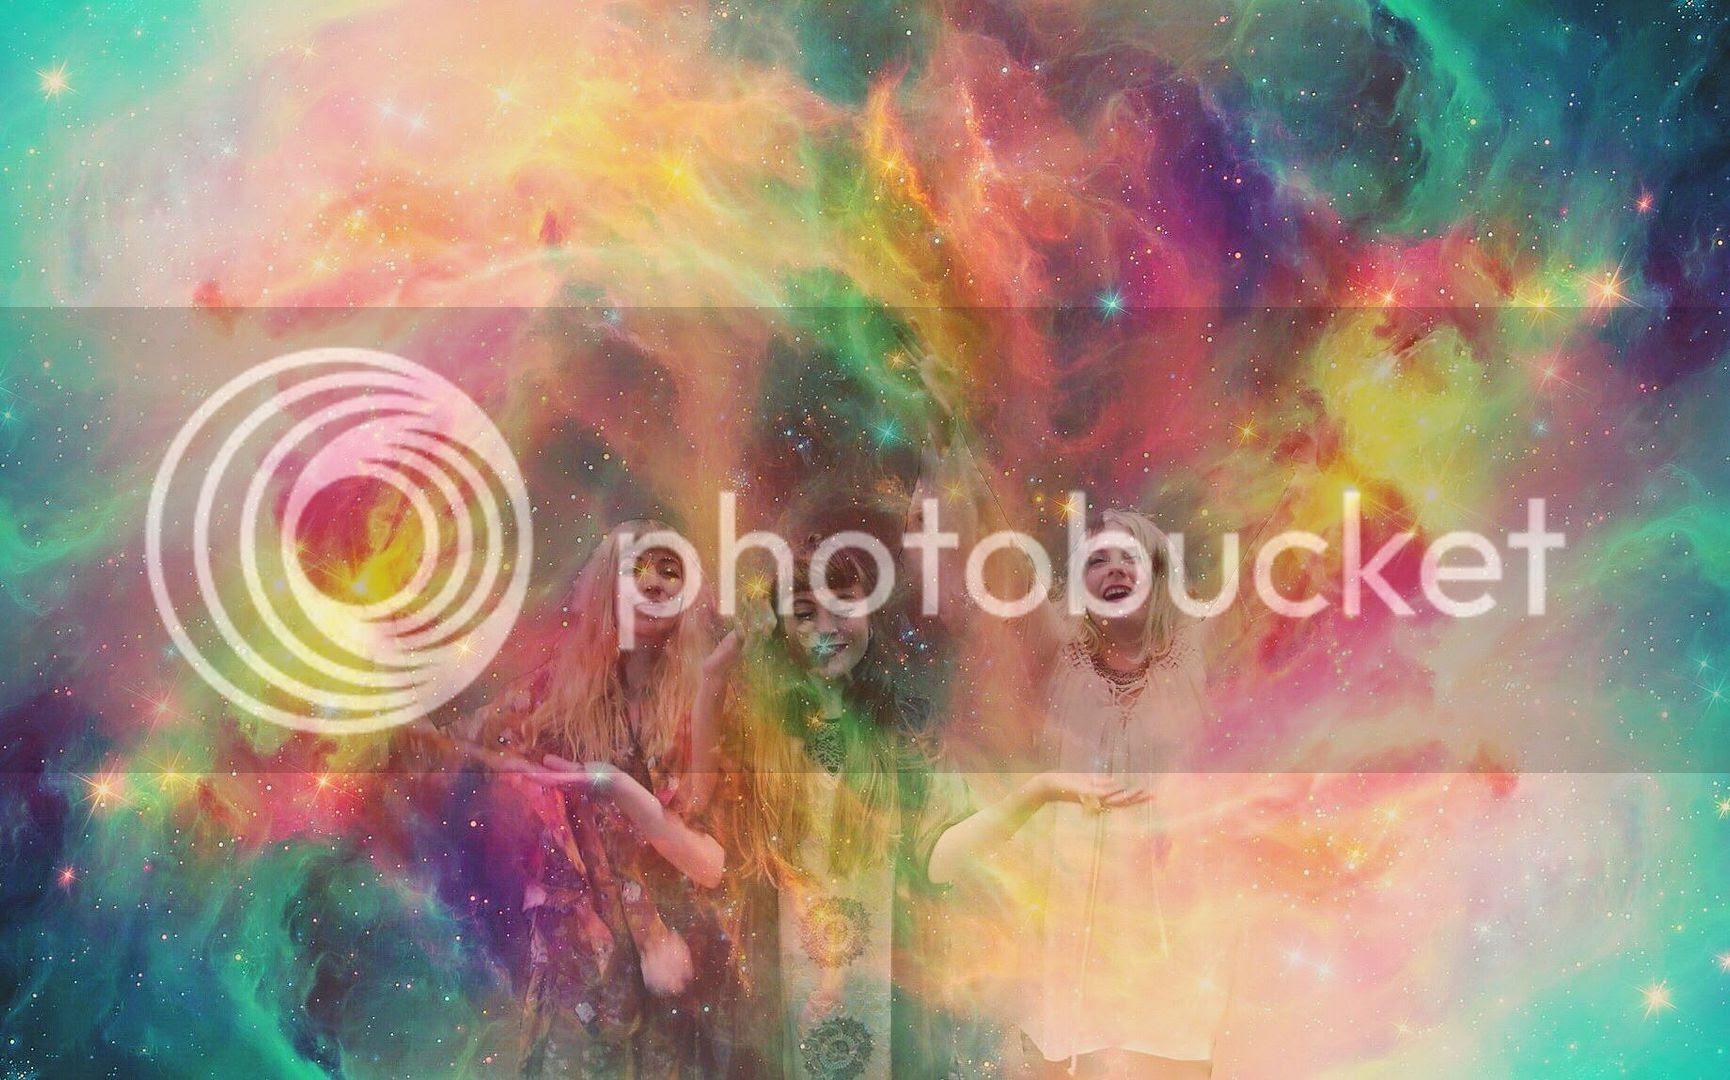 photo 12622560_380373275419604_1961755011304639984_o_zpsydmzyoxj.jpg